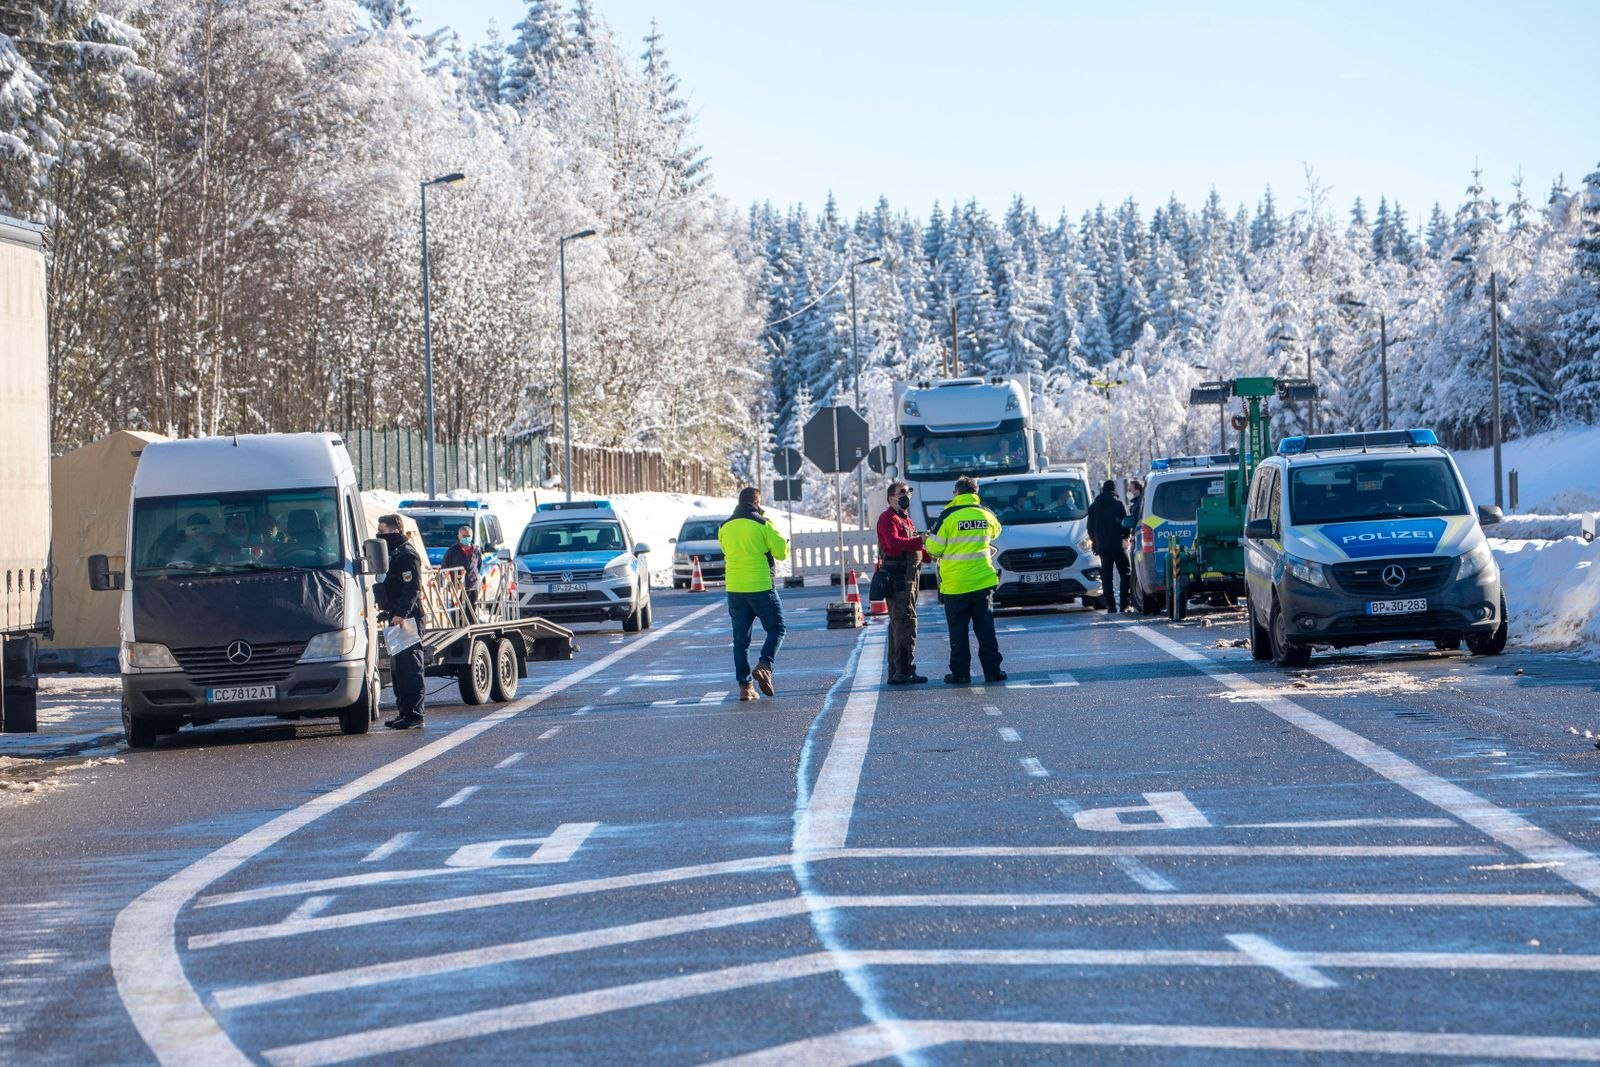 210214 Grenze. Seit Sonntag 0 Uhr gelten in Deutschland verschärfte Grenzkontrollen. An nahezu jeden Grenzübergang zwisc